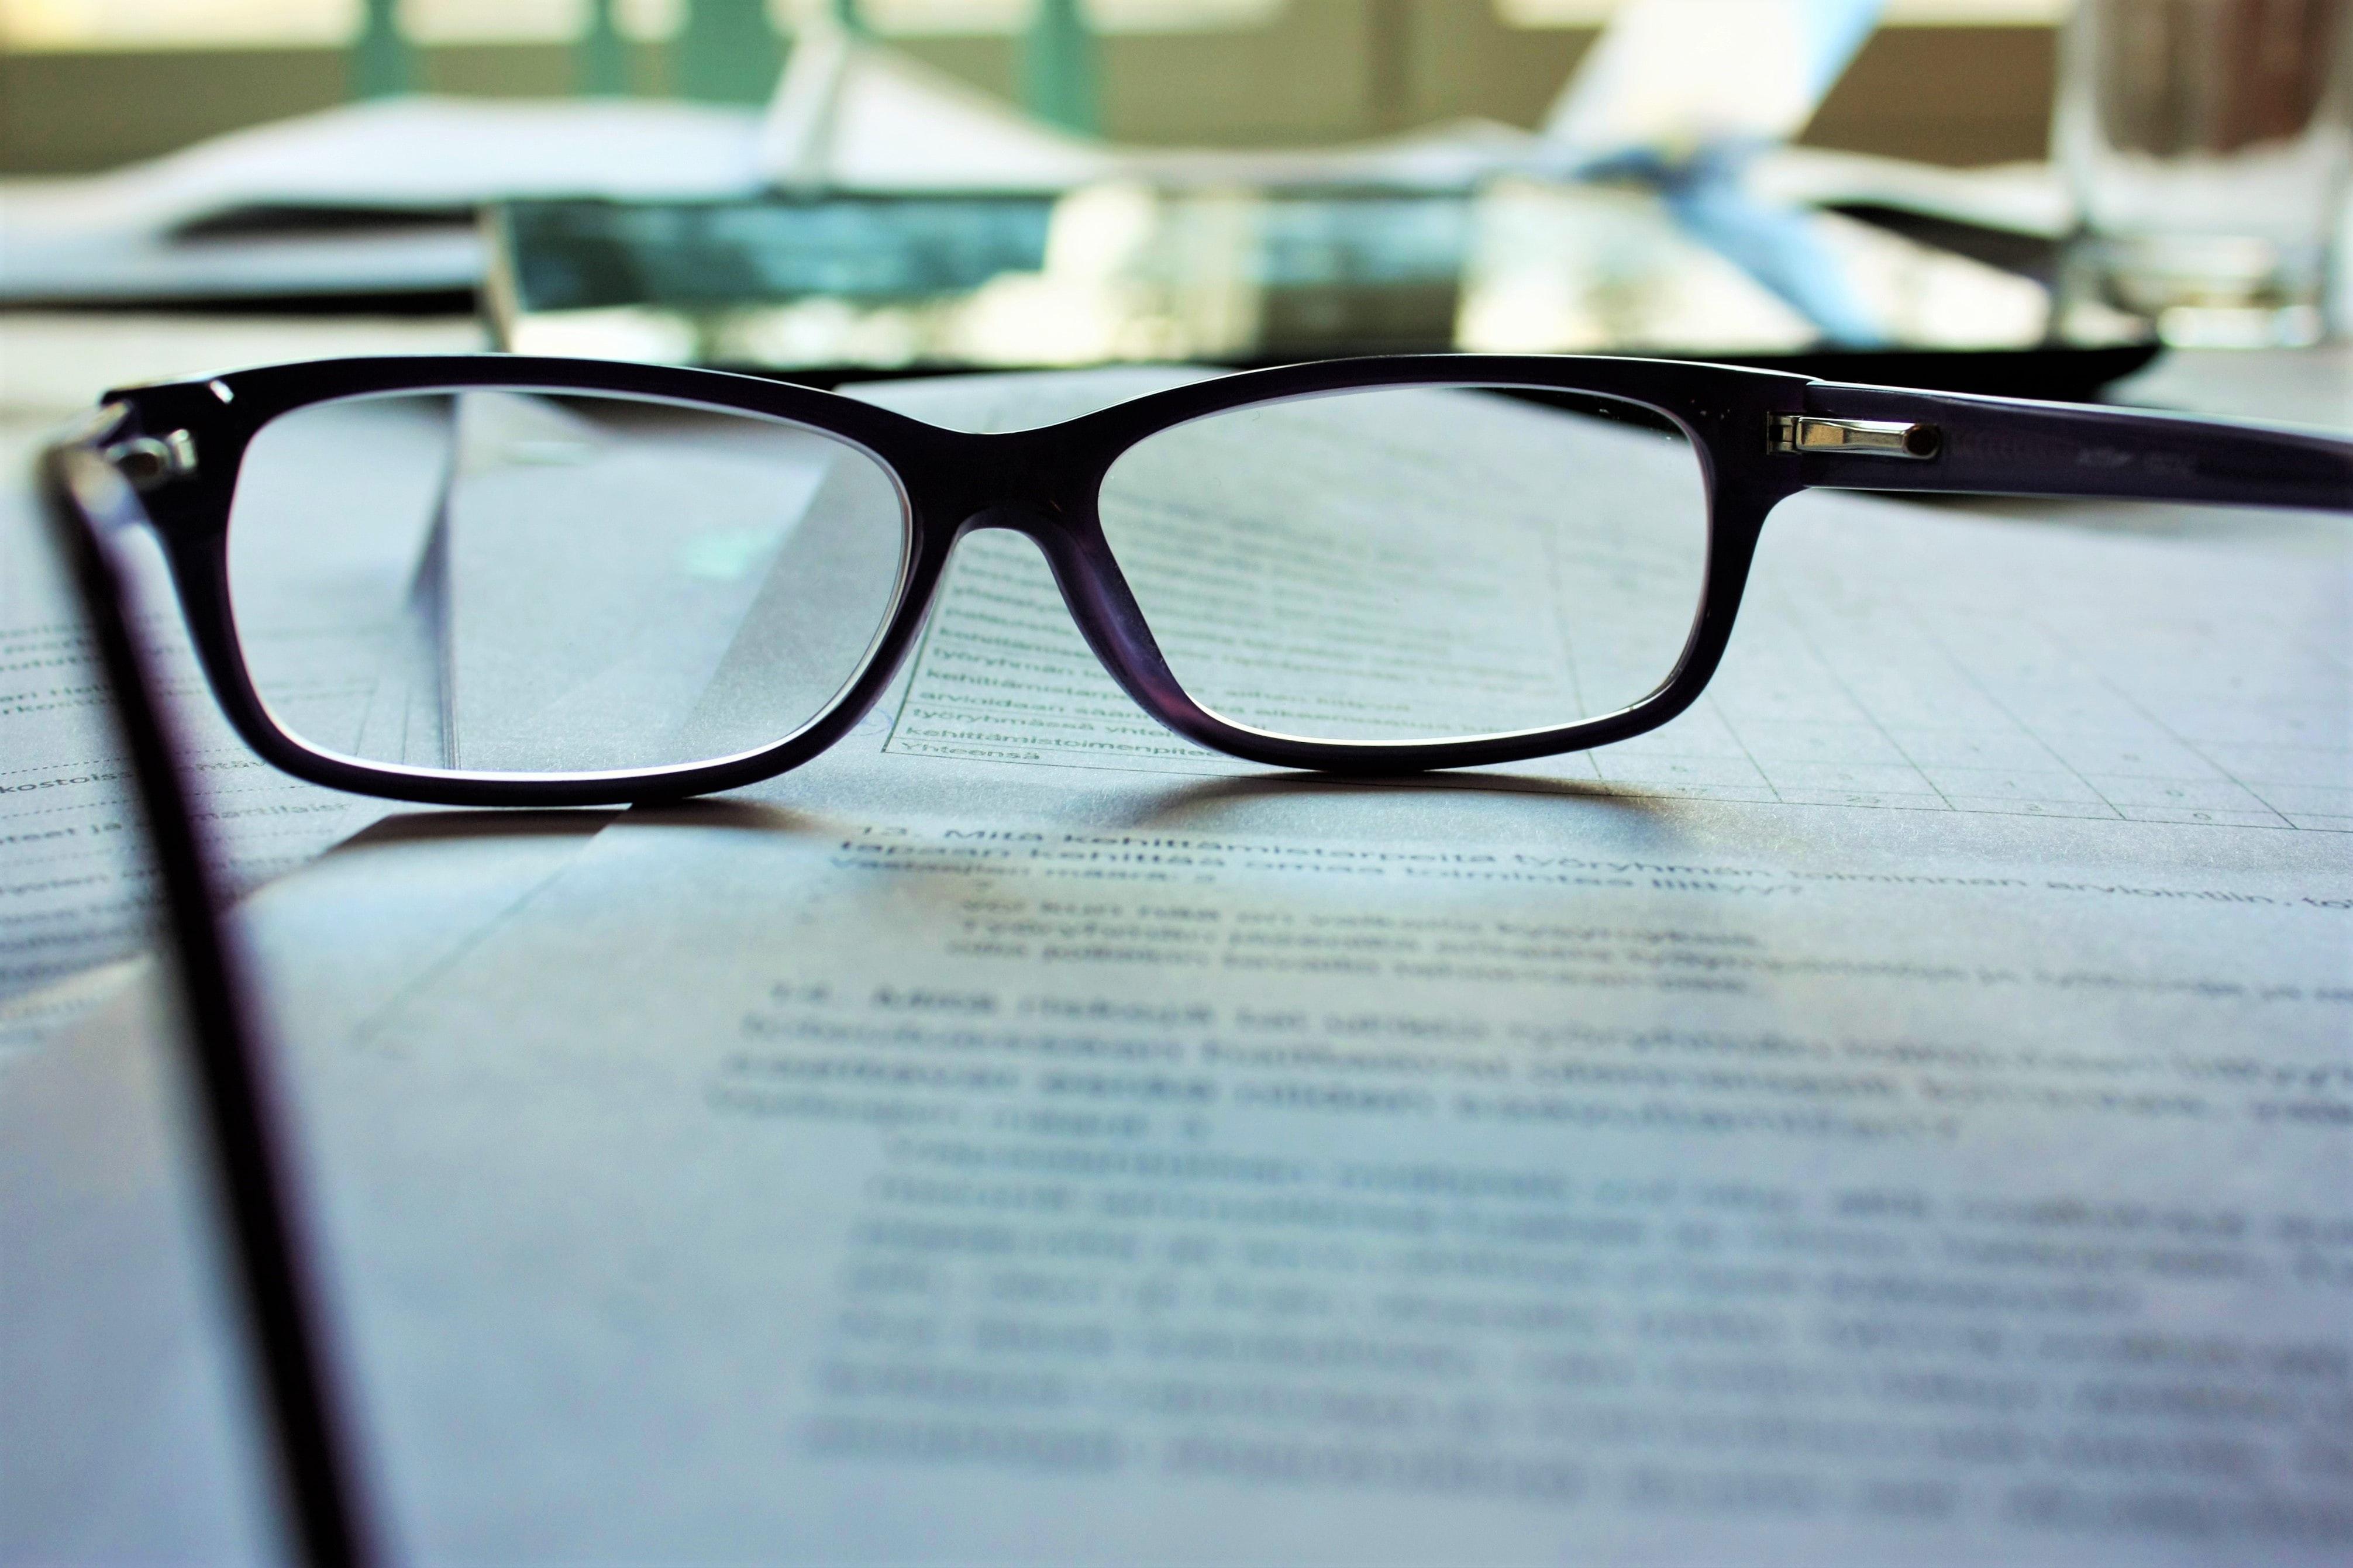 Szkolenia z prawa zamówień publicznych dla przedsiębiorstw